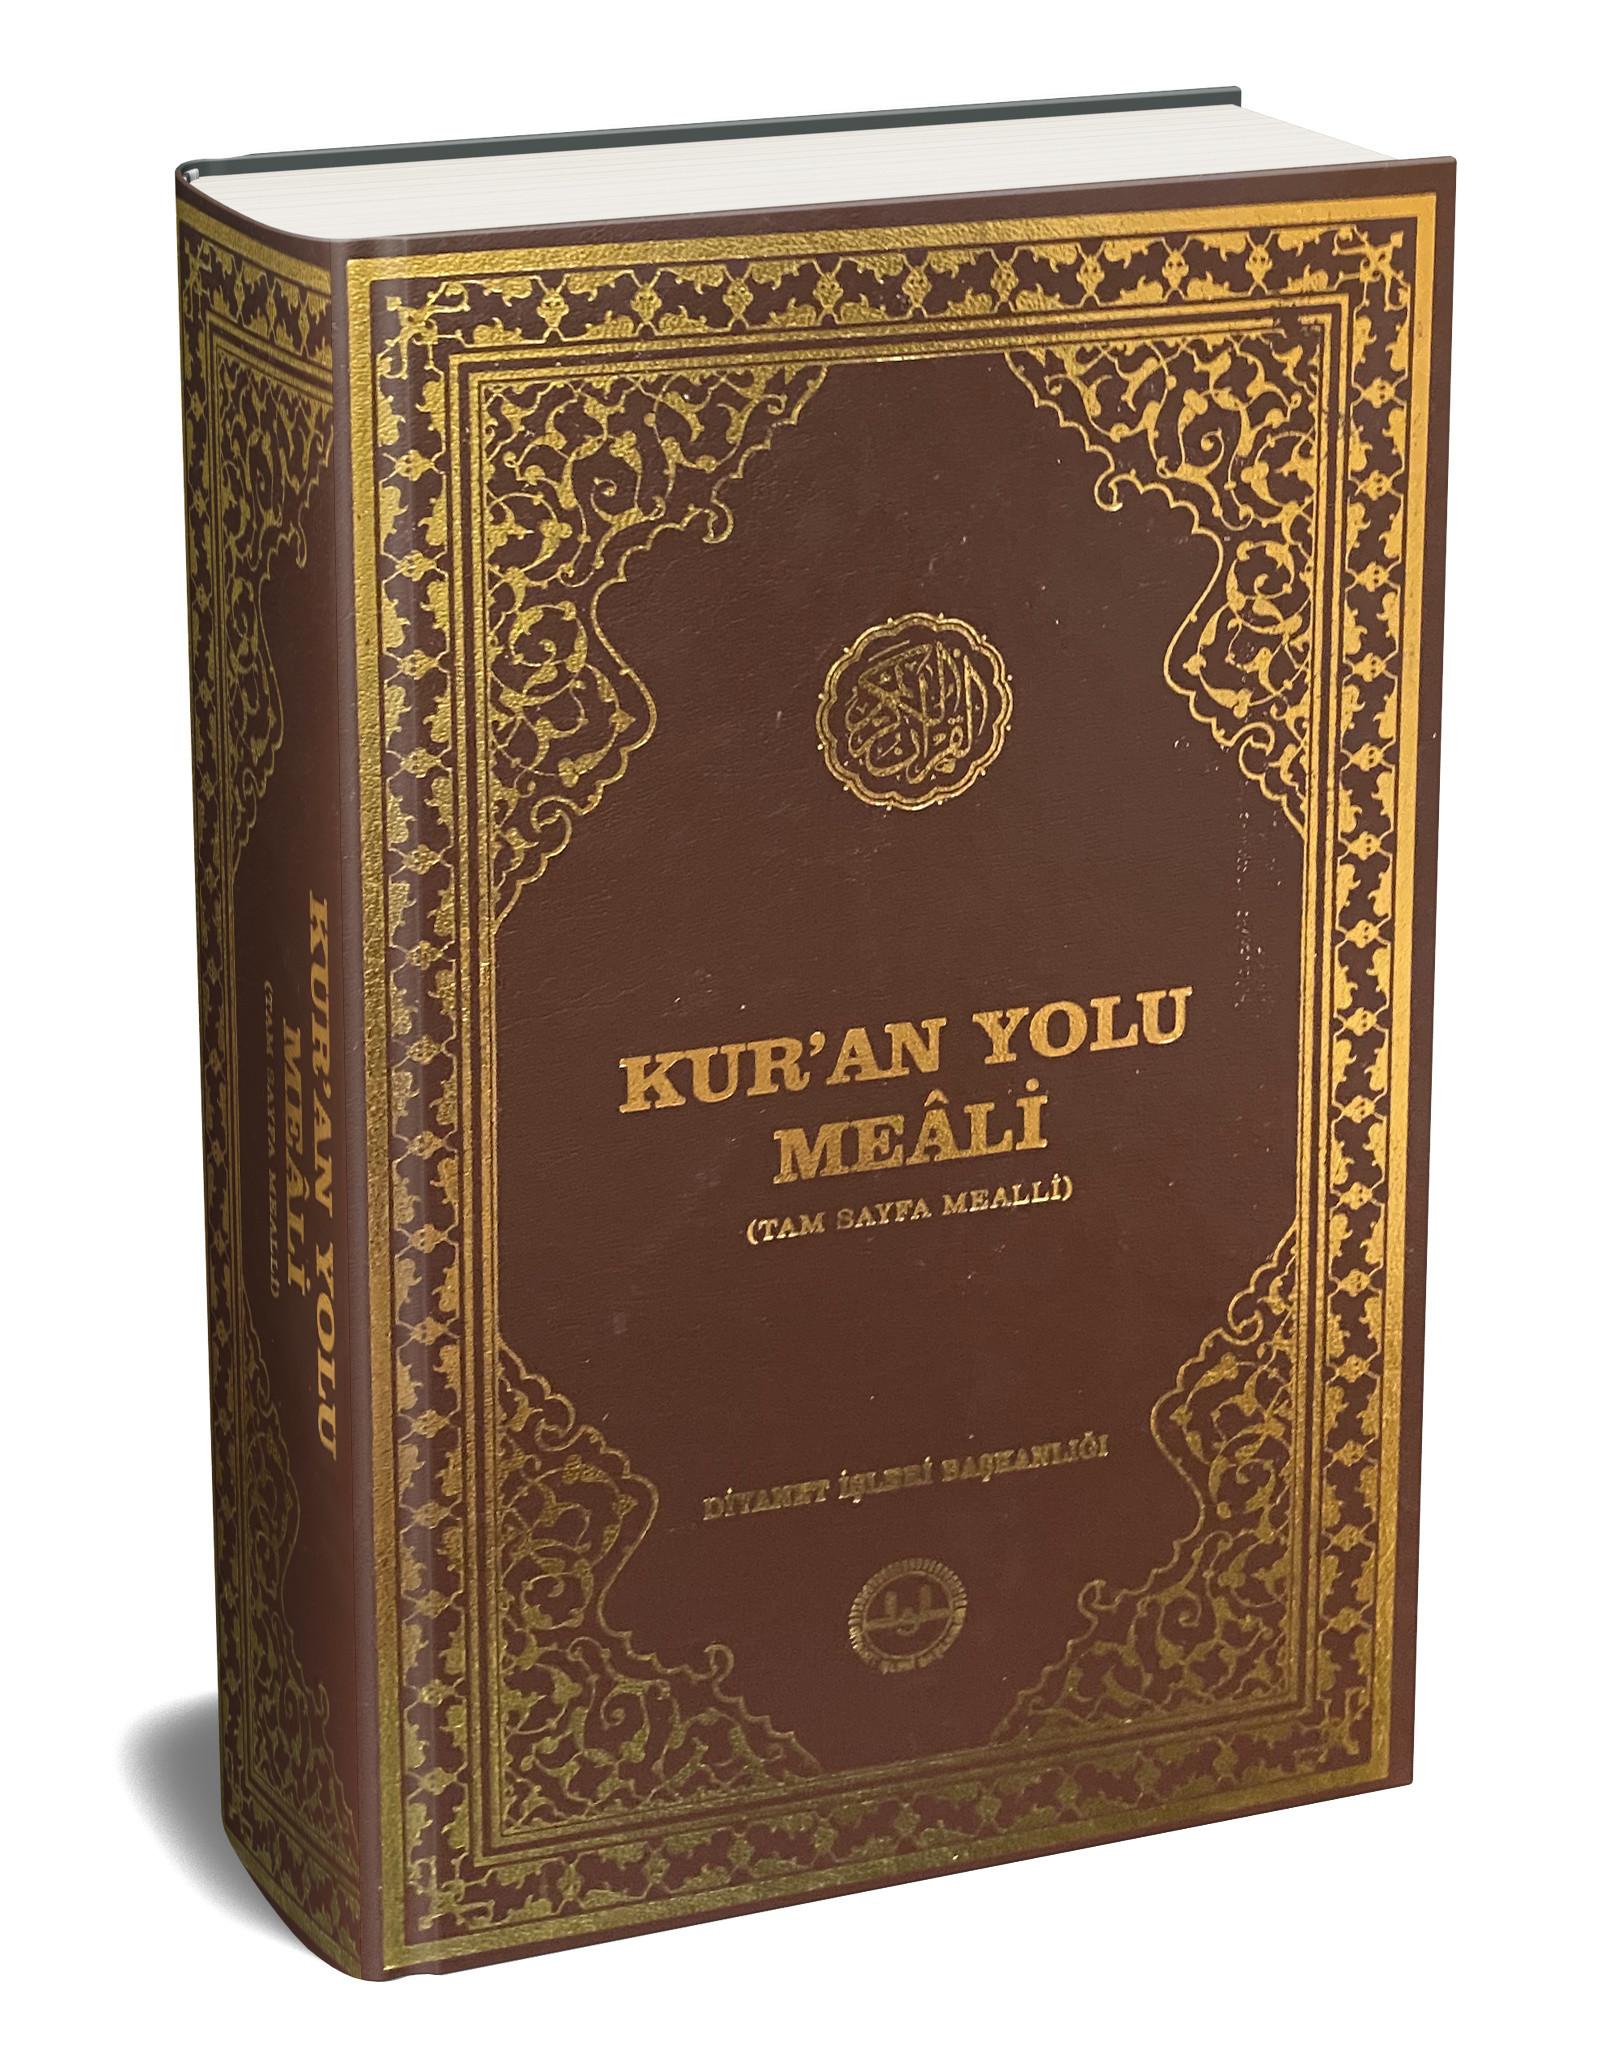 Kur'an Yolu Meali Bilgisayar Hatlı Hafız Boy Tam Sayfa Mealli